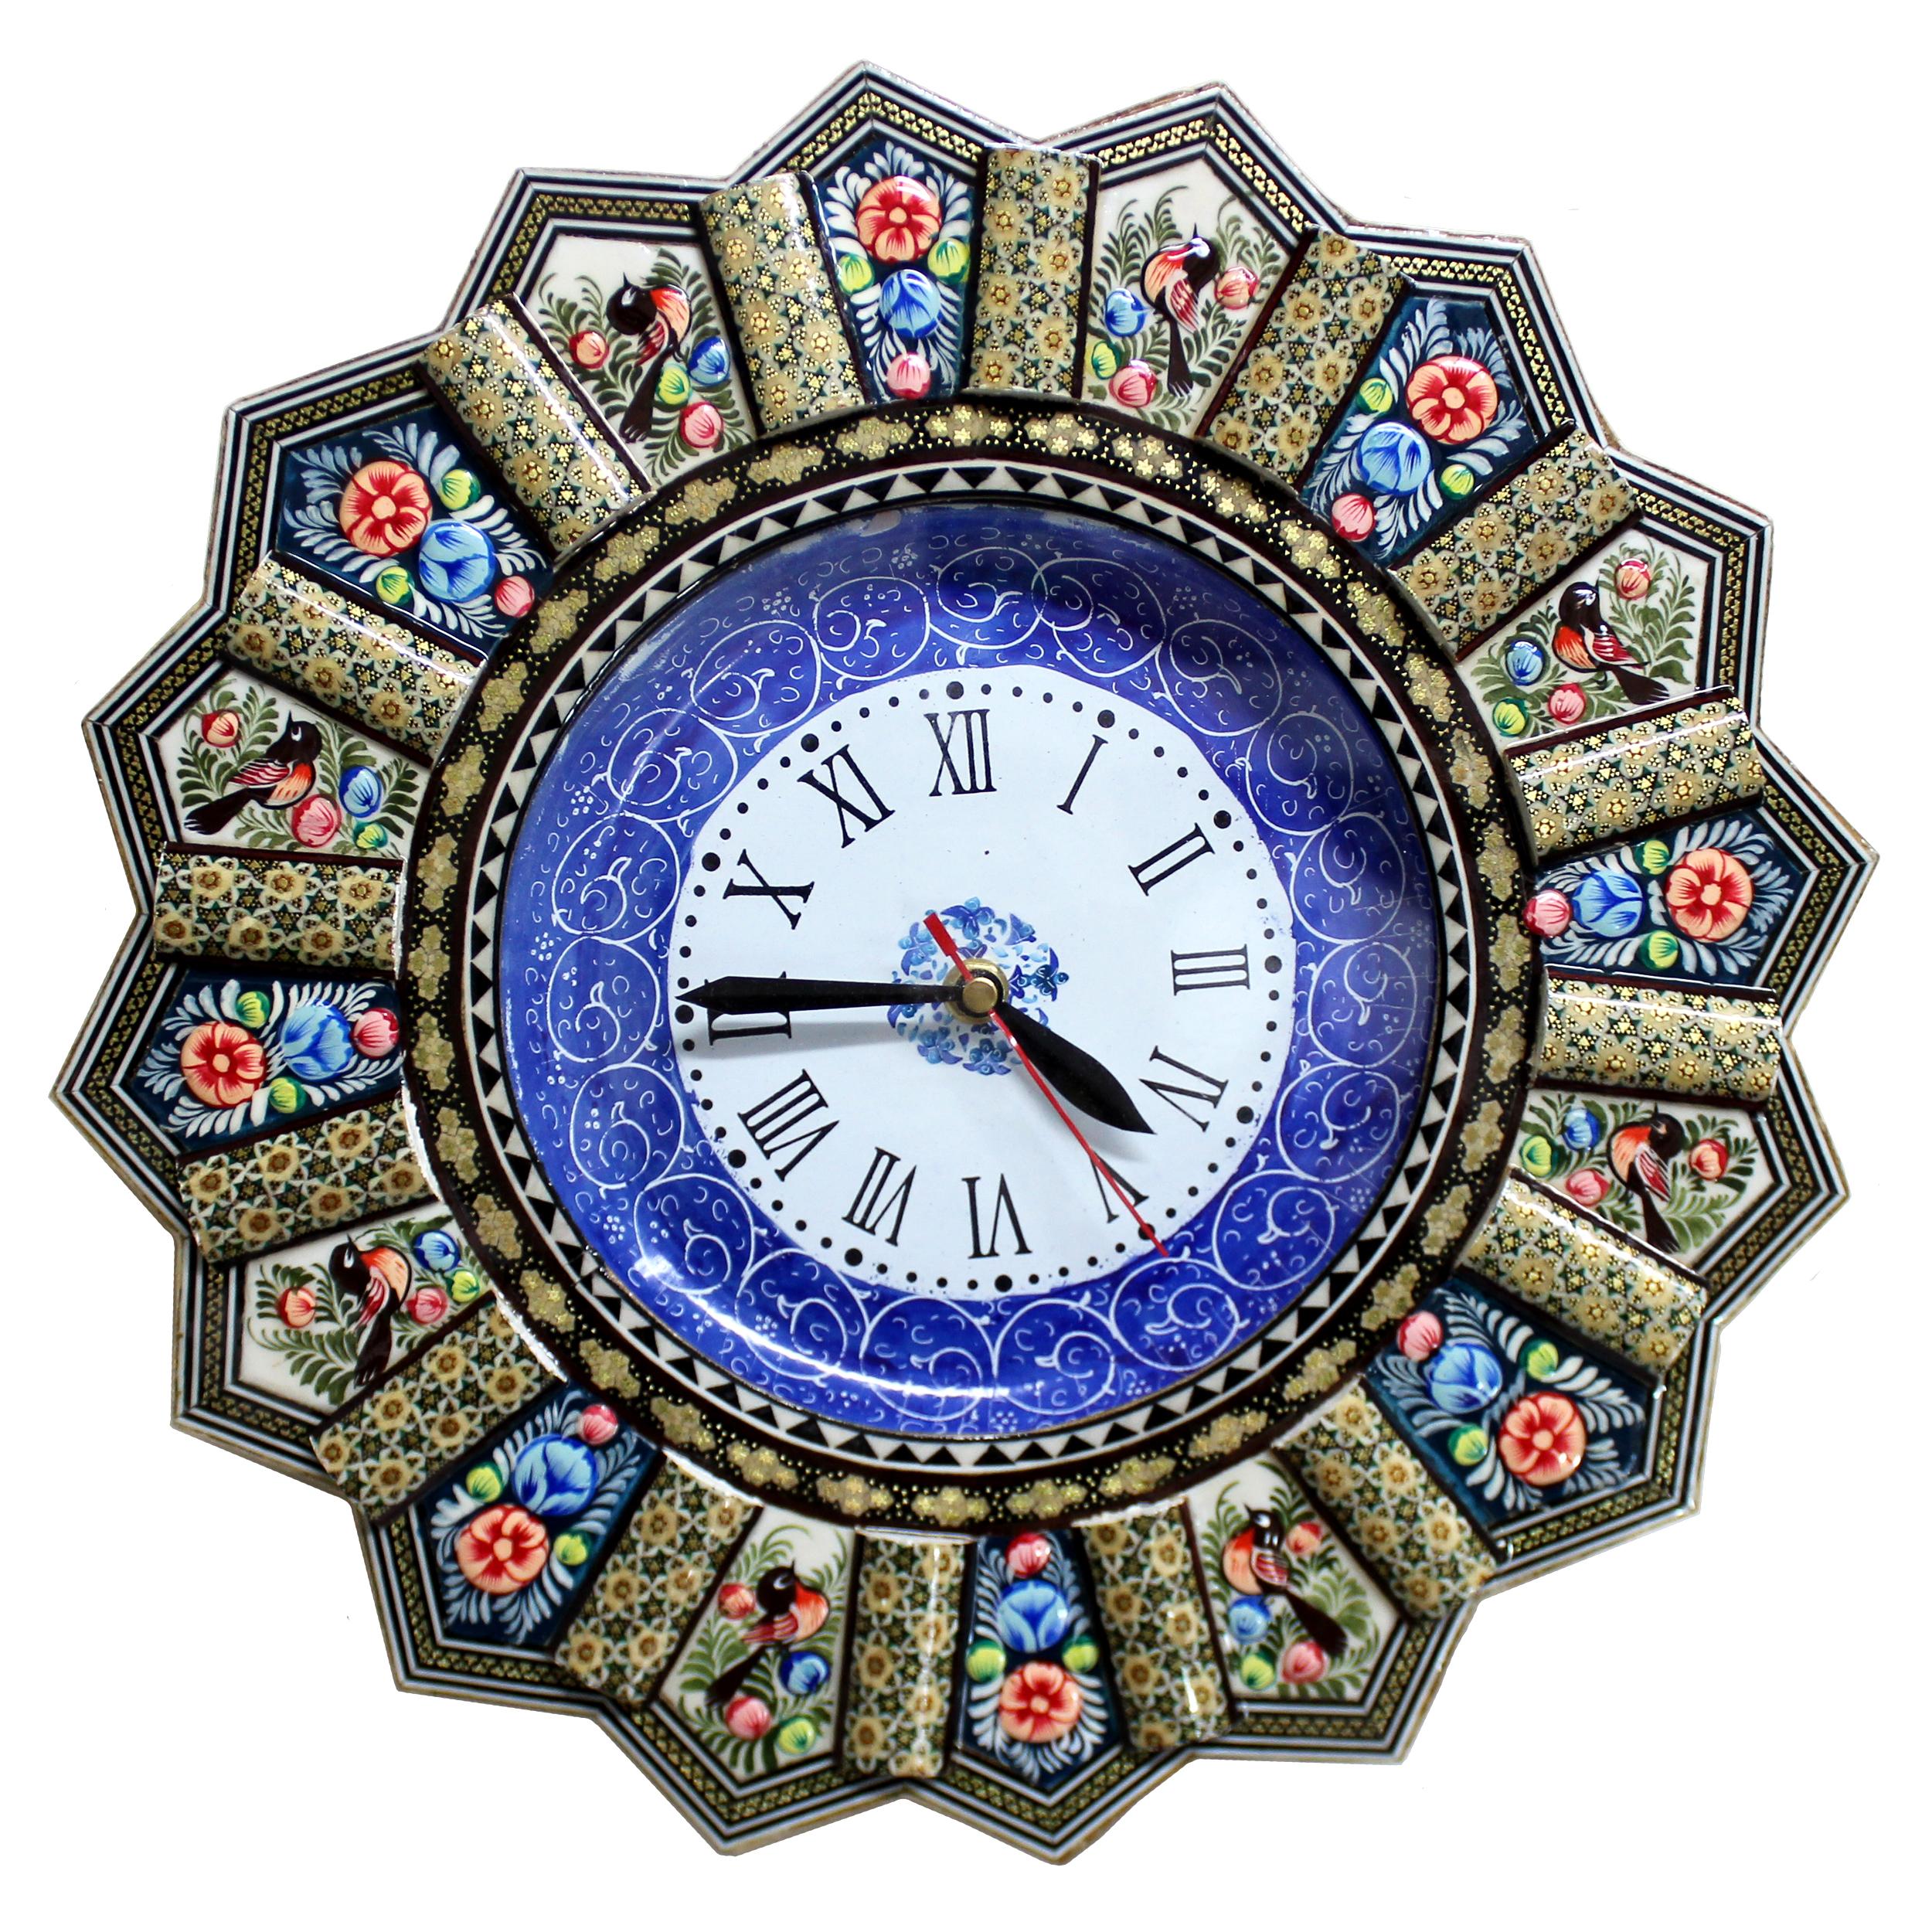 ساعت دیواری خاتم کاری گالری دست نگار مدل خورشیدی کد 01-28